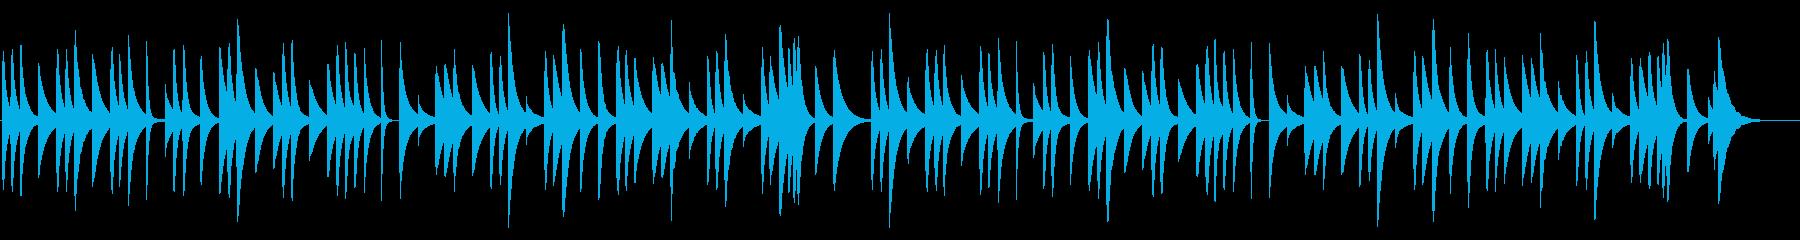 ブラームスの子守唄 18弁オルゴールの再生済みの波形